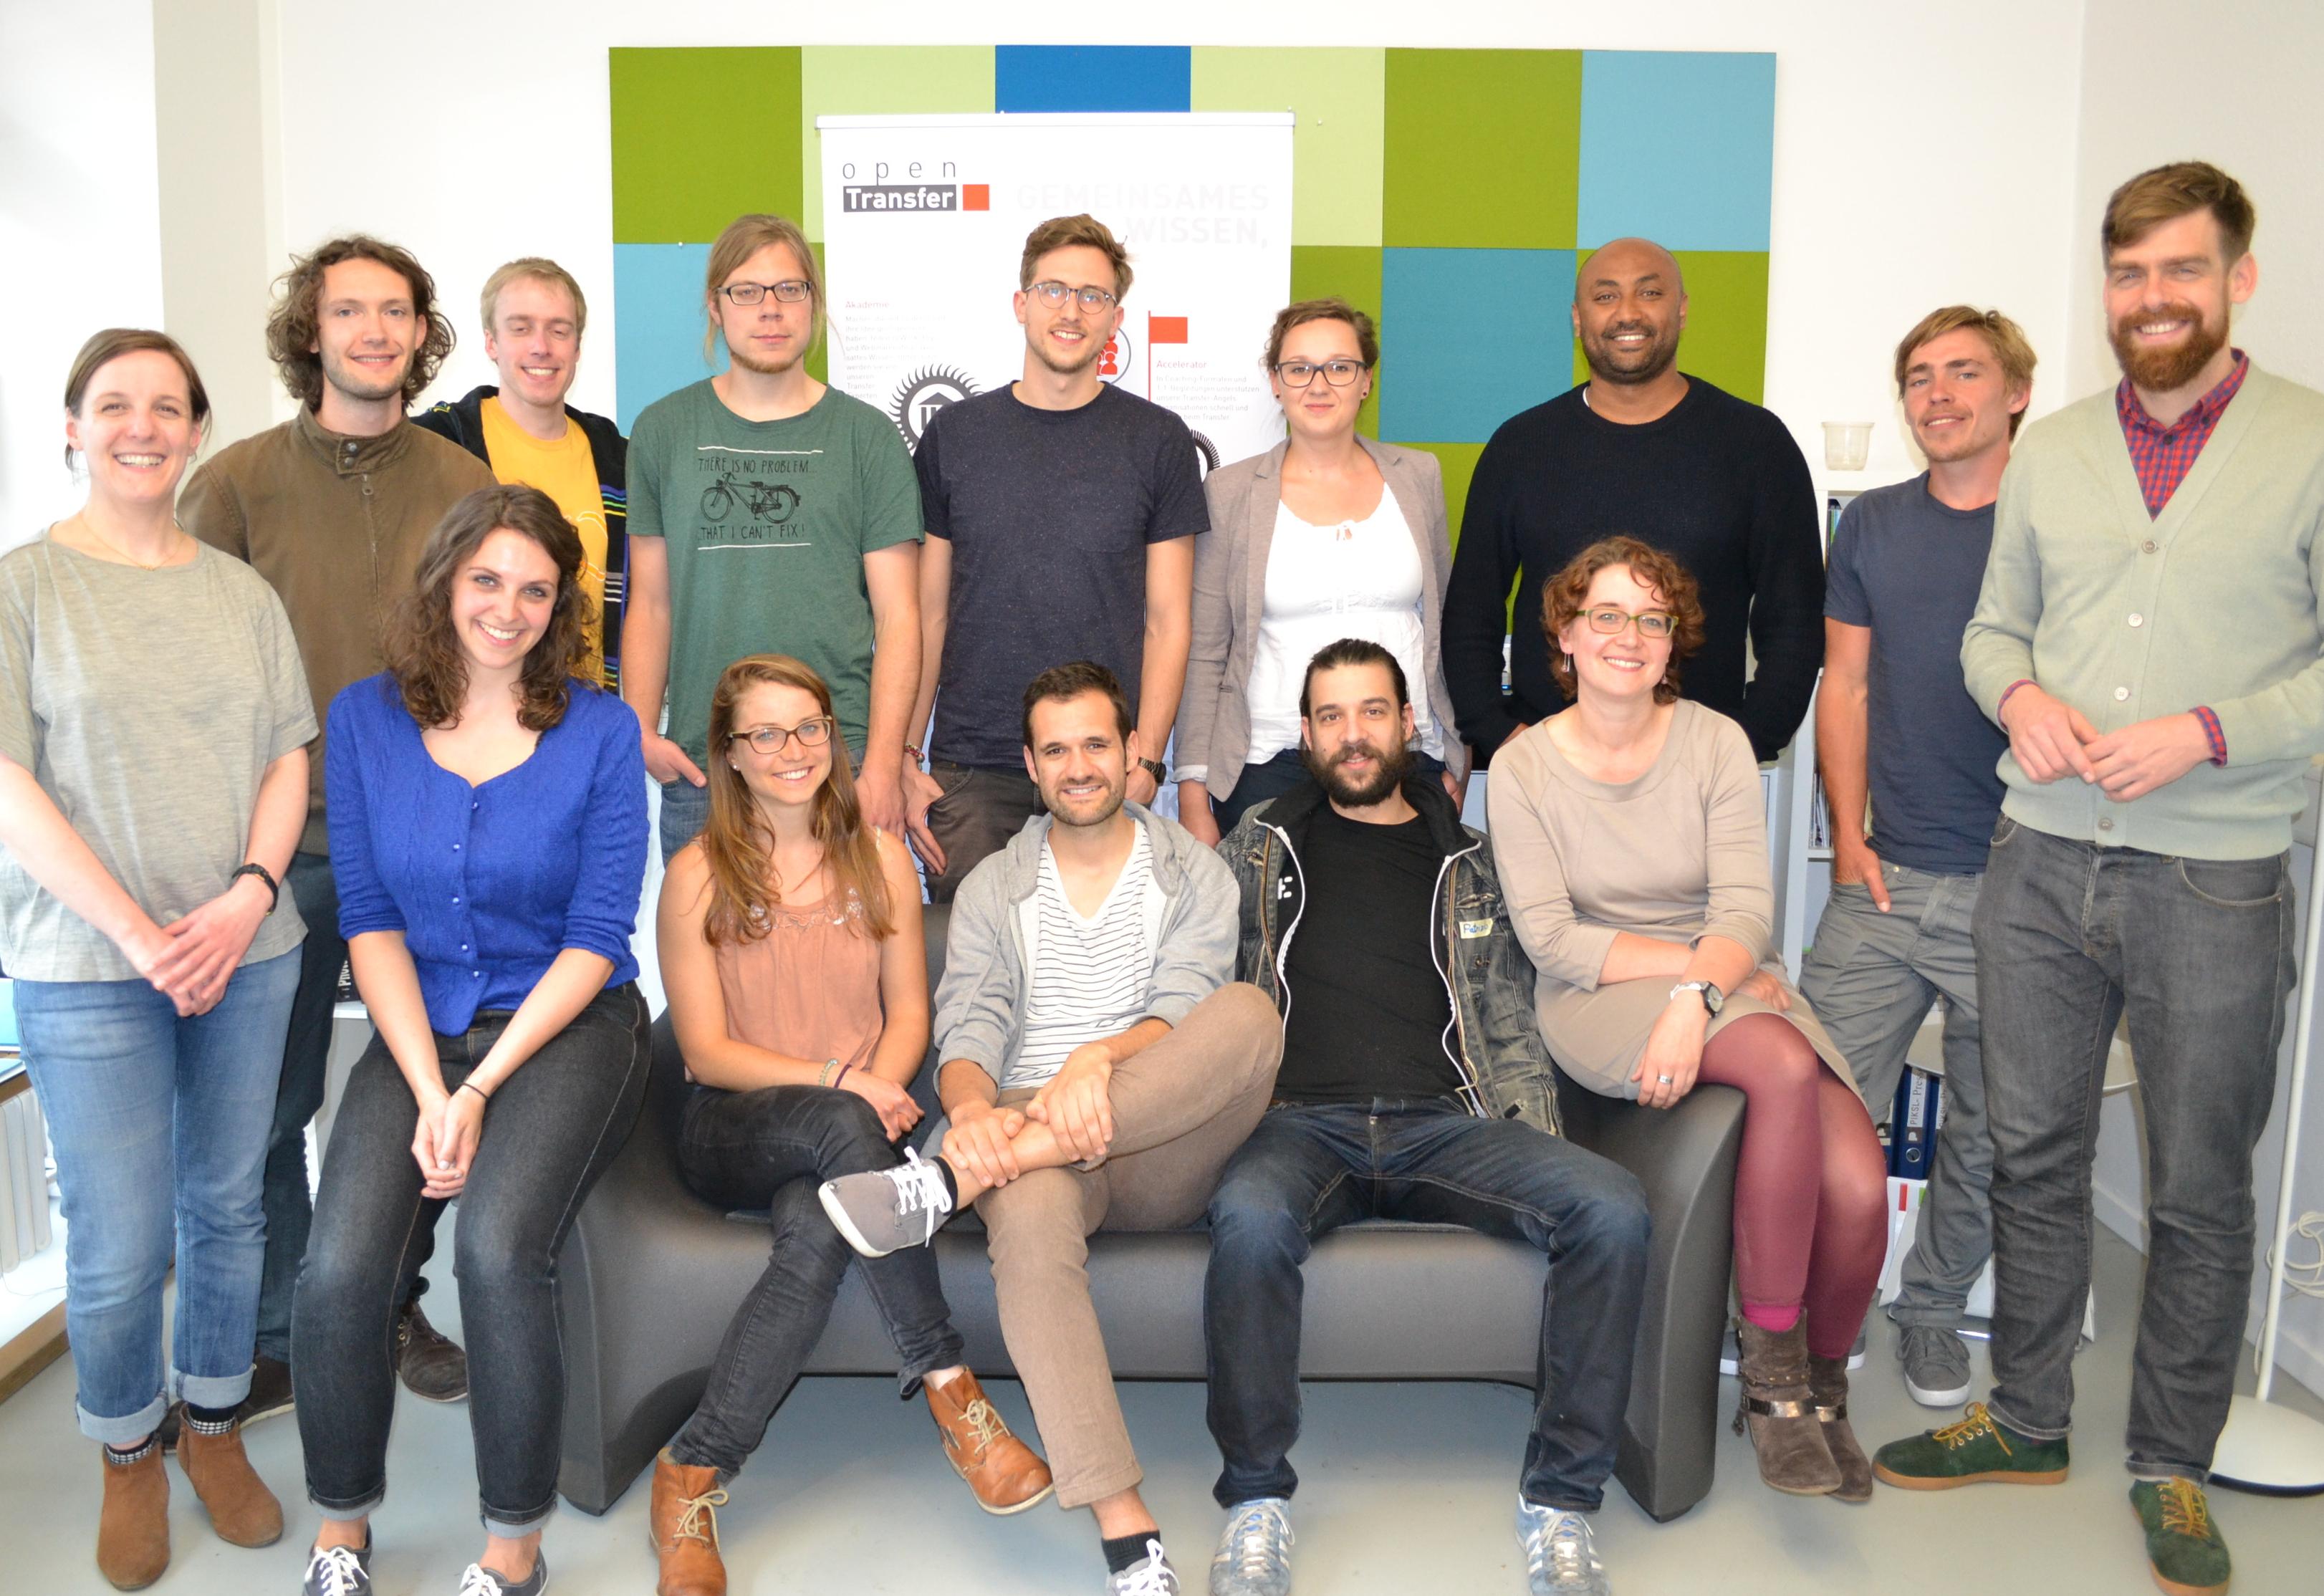 Gruppenfoto der Stipendiaten des openTransfer #Ankommen Stipendiums